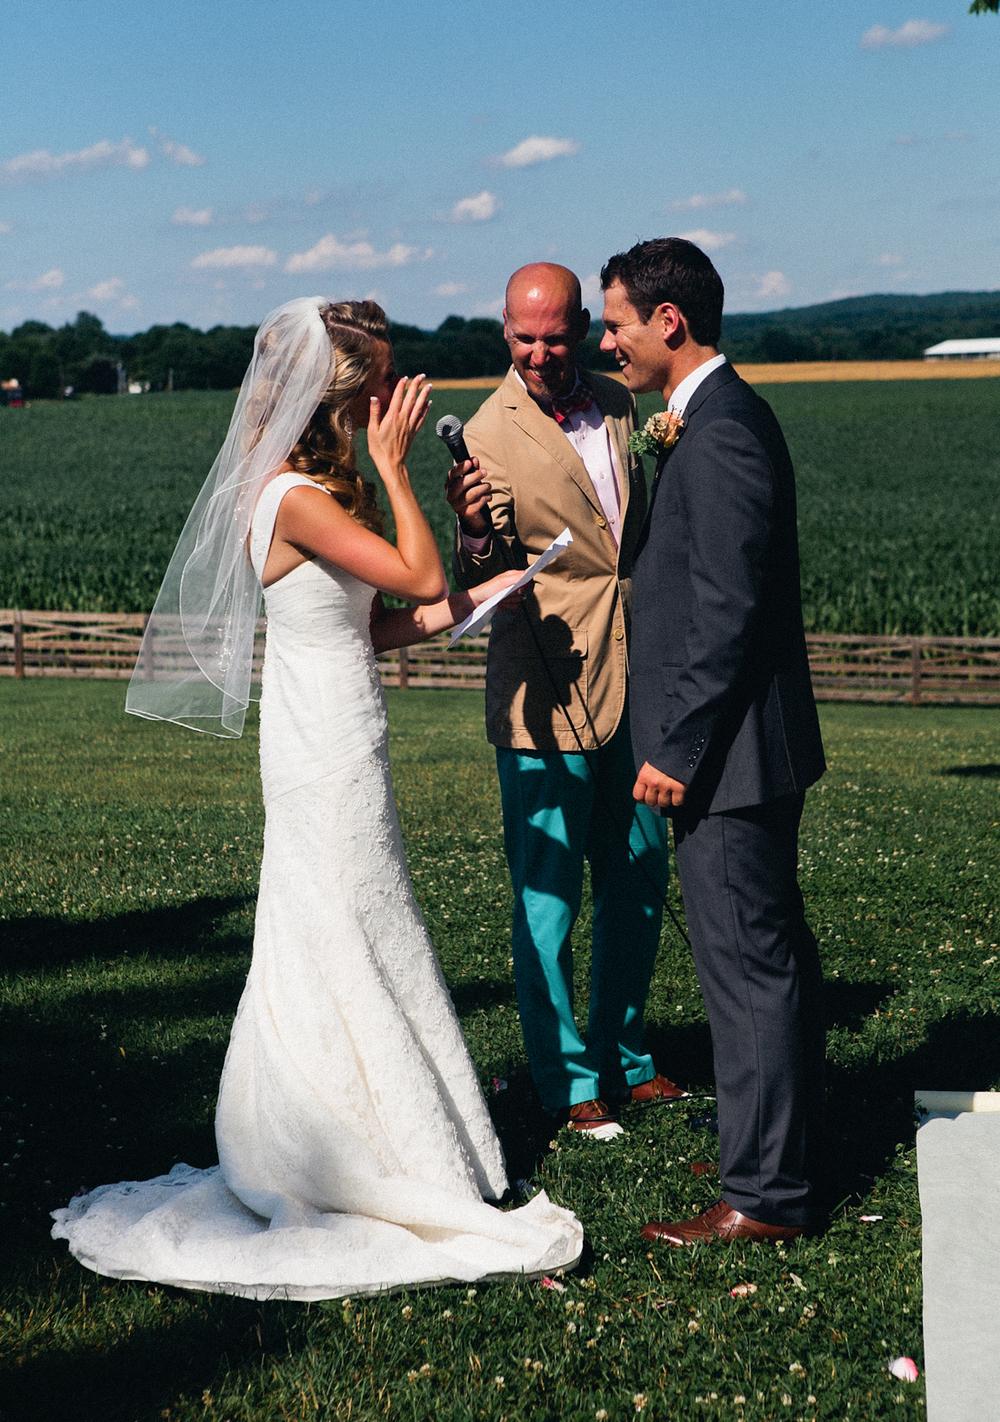 becca_nick_maryland_wedding_photographer_walkers_overlook_wedding_photography64of166.jpg~original.jpeg